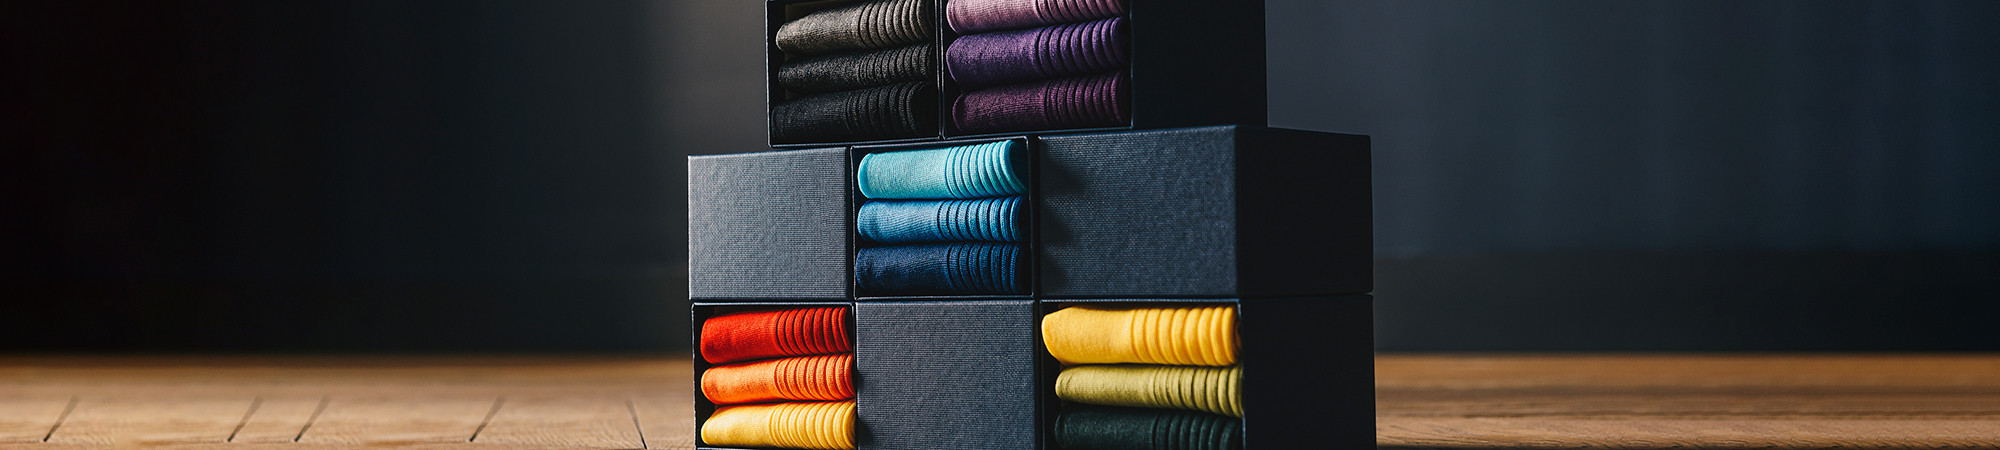 Cotton lisle socks for men by Emling